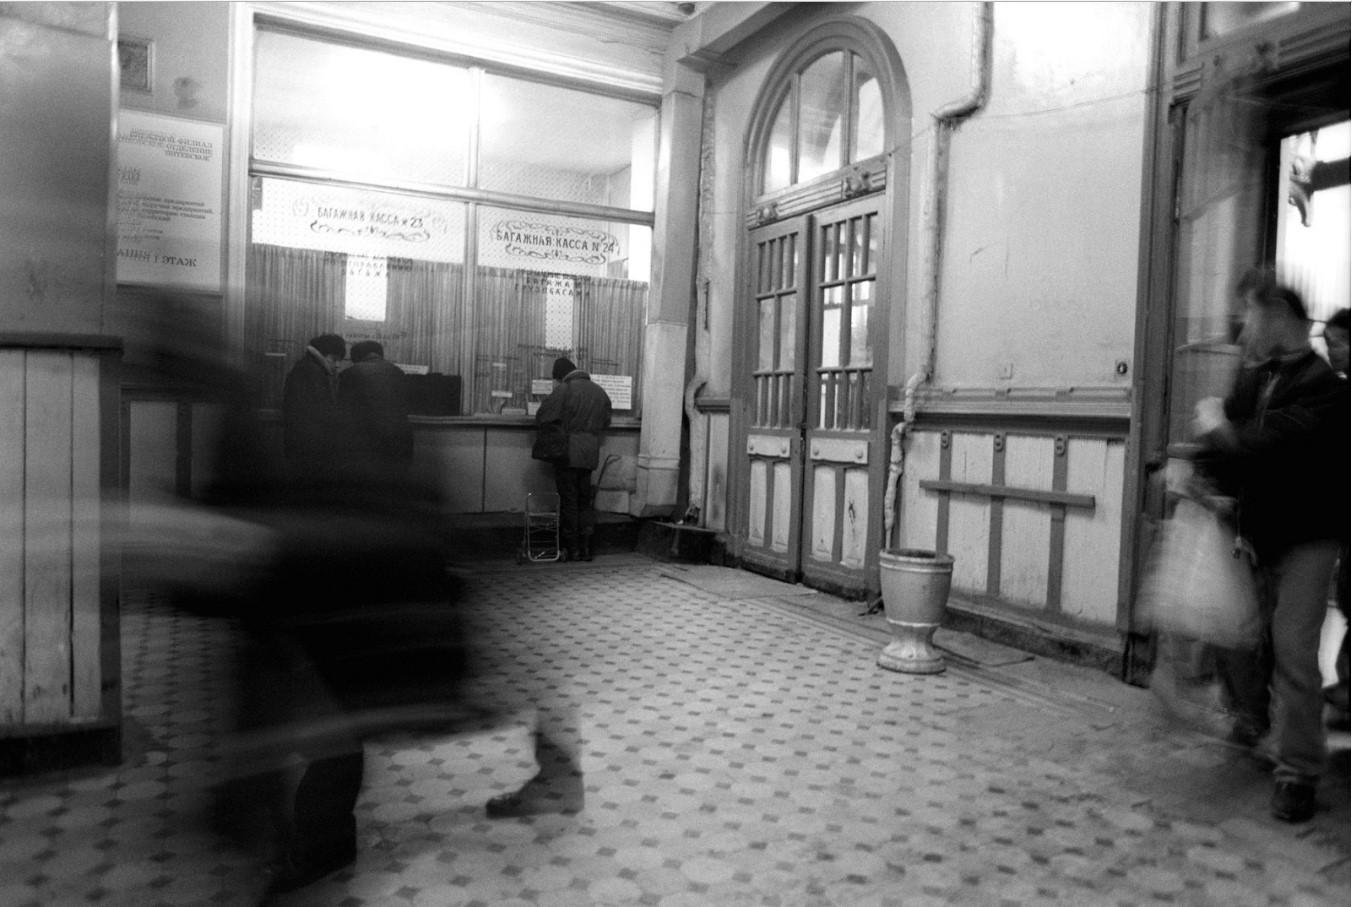 Санкт-Петербург. Кассы на железнодорожной станции